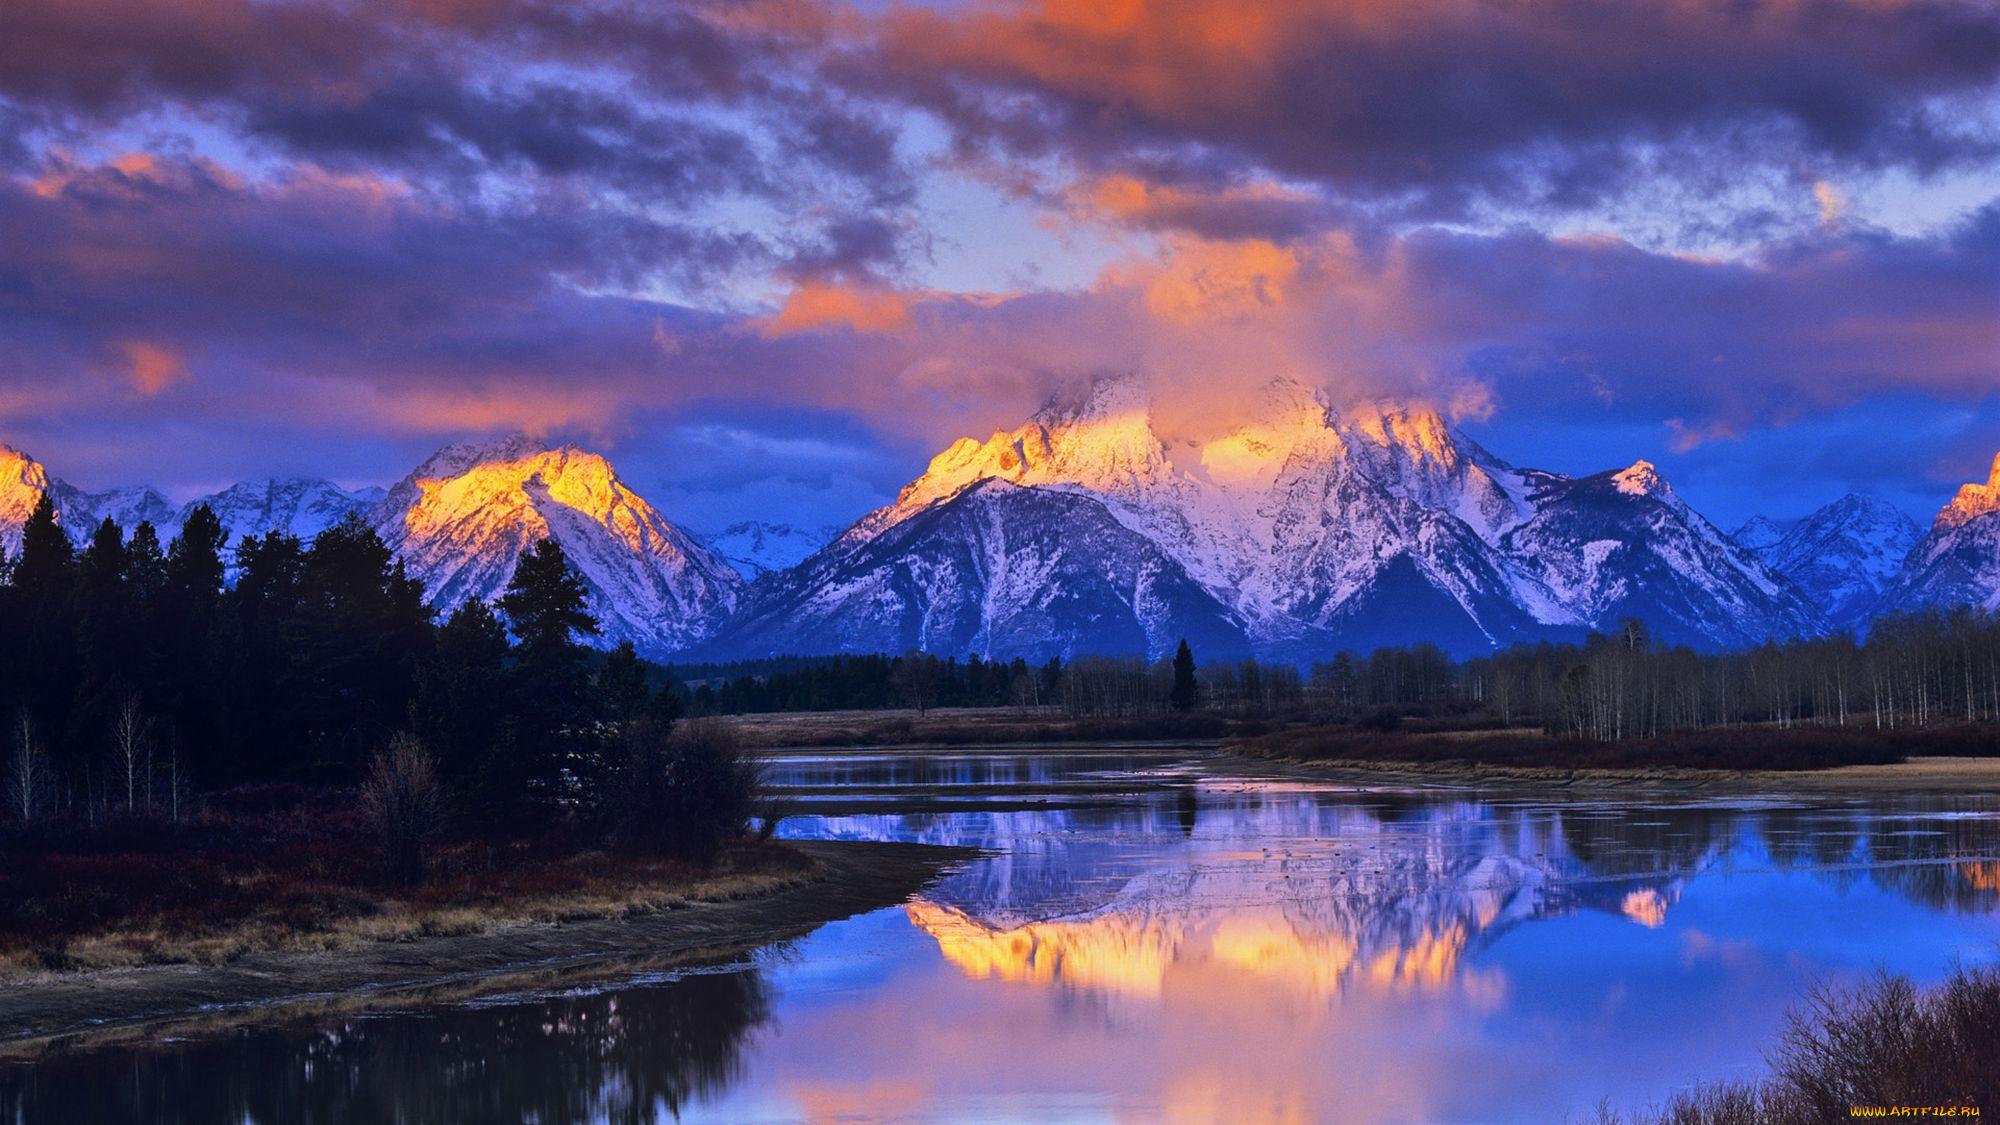 природа деревья Озеро отражение горы облака скачать